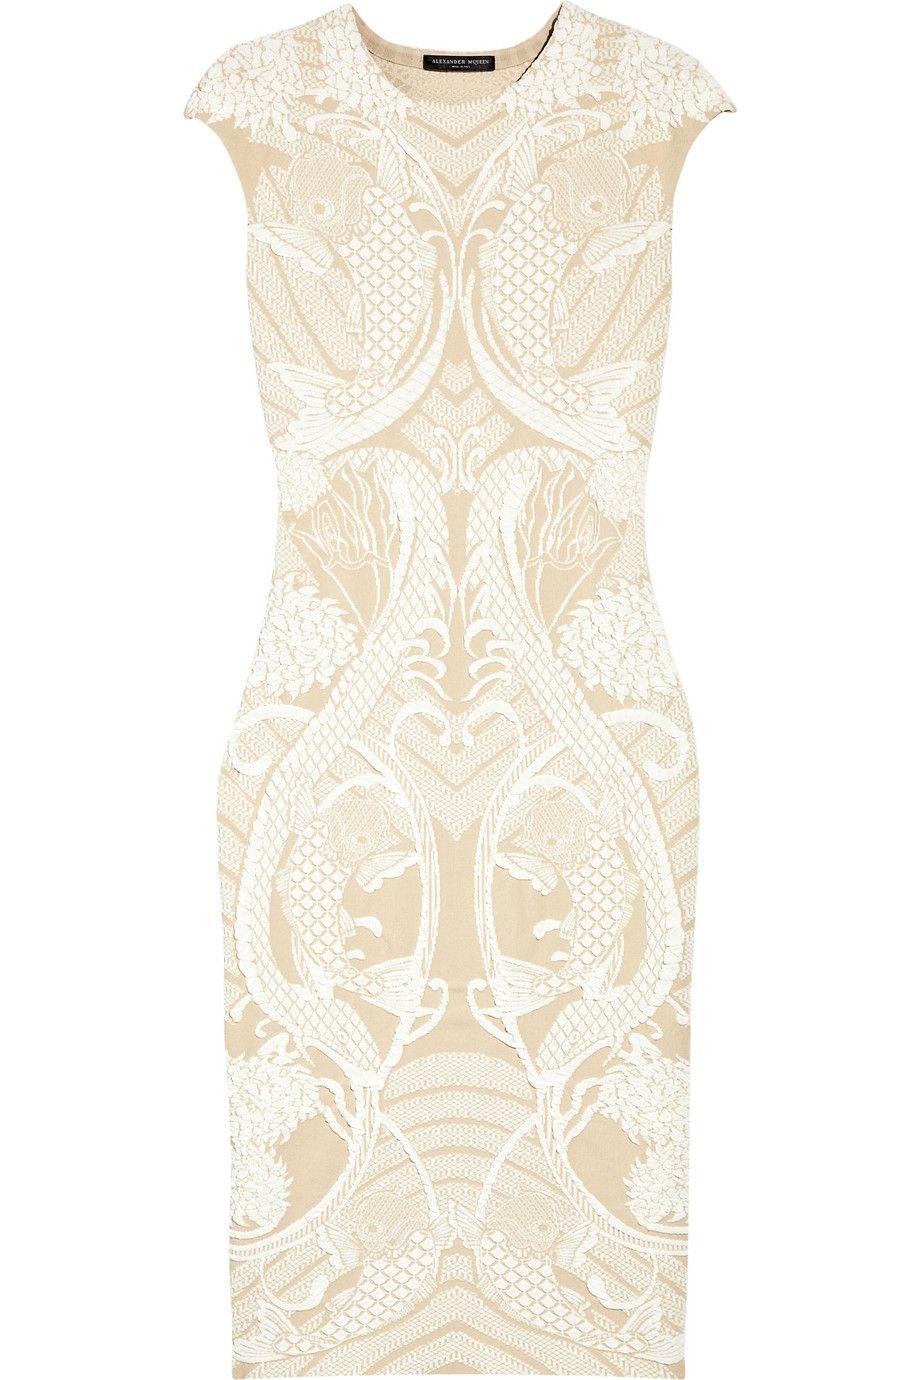 Alexander McQueen|Textured stretch-jersey dress|NET-A-PORTER.COM